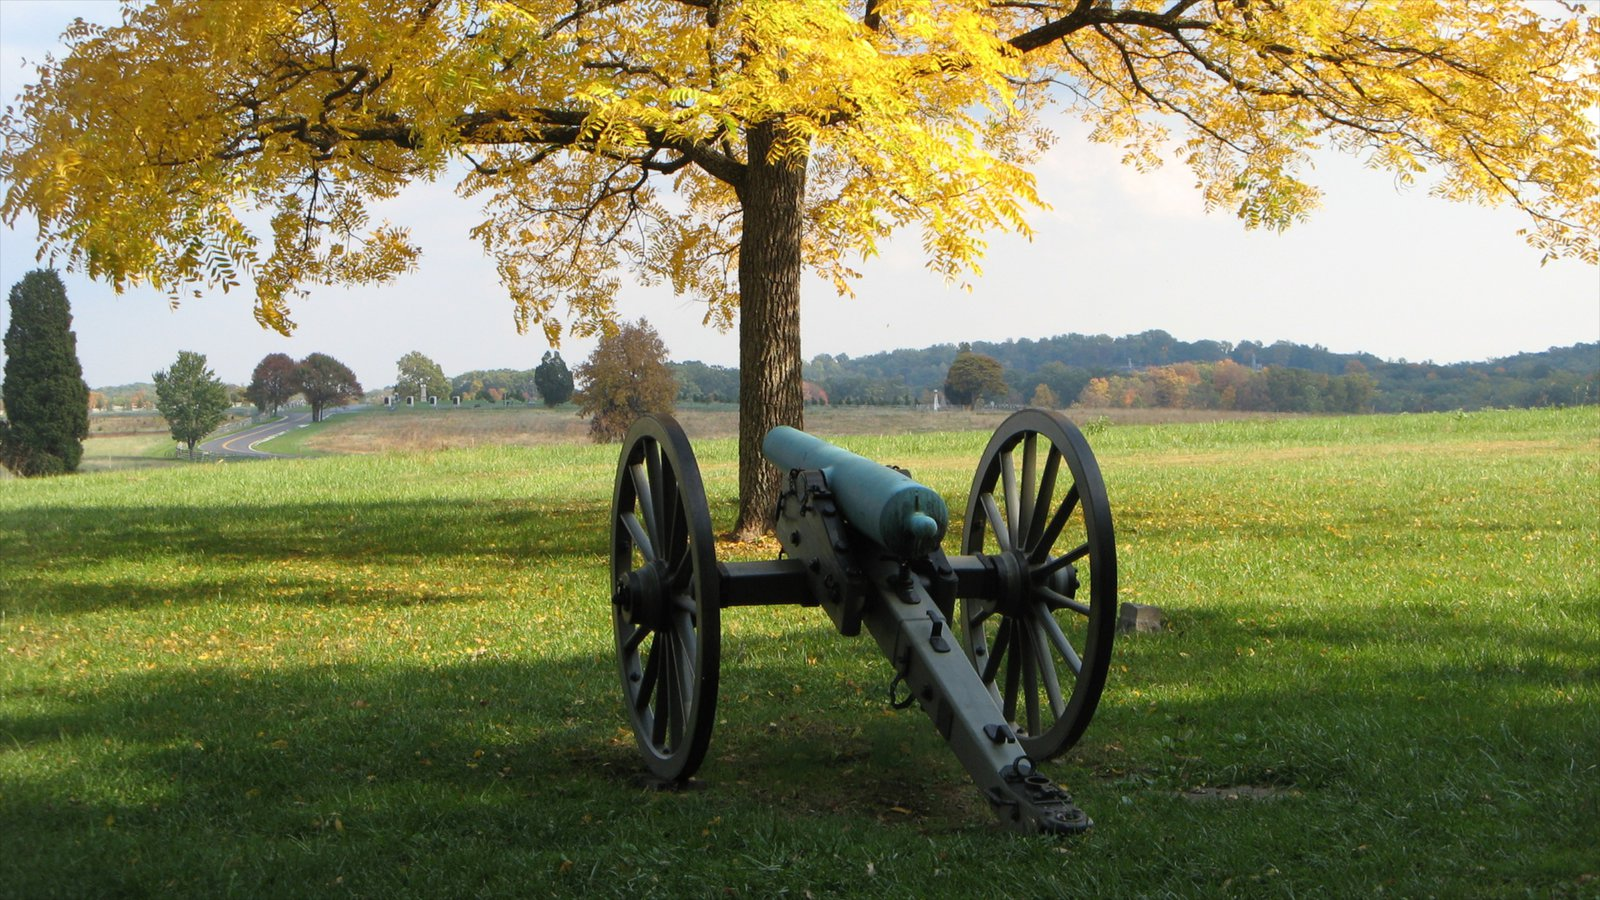 Gettysburg mostrando cenas tranquilas, folhas de outono e arte ao ar livre